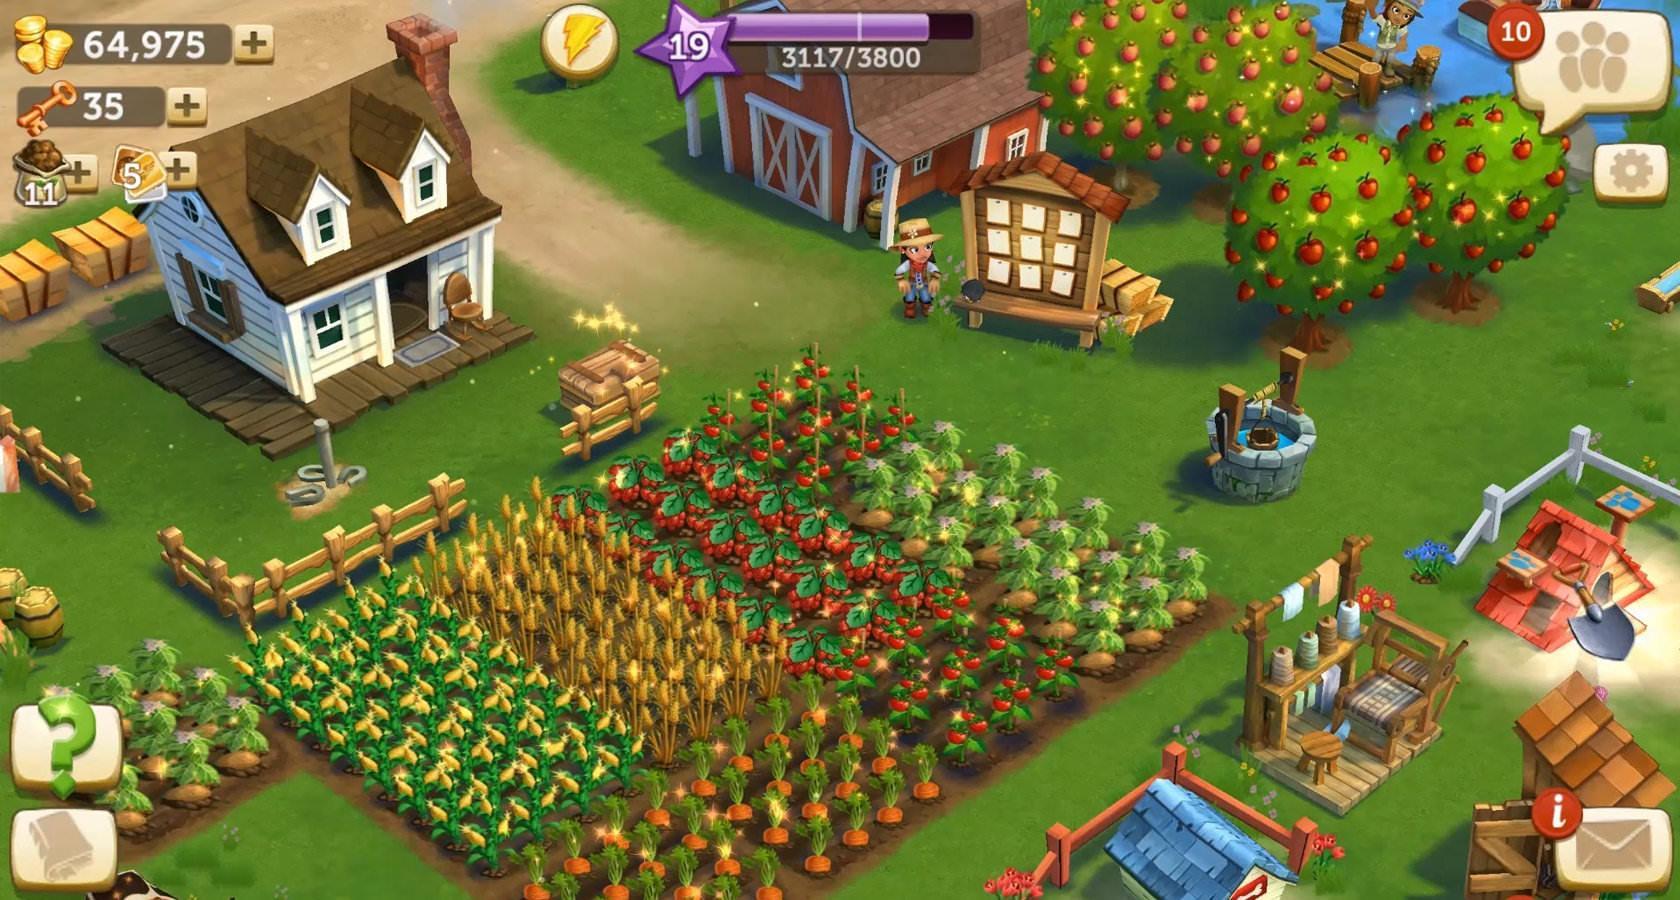 Diseño de gamificación de granjas de Farmville personalizadas